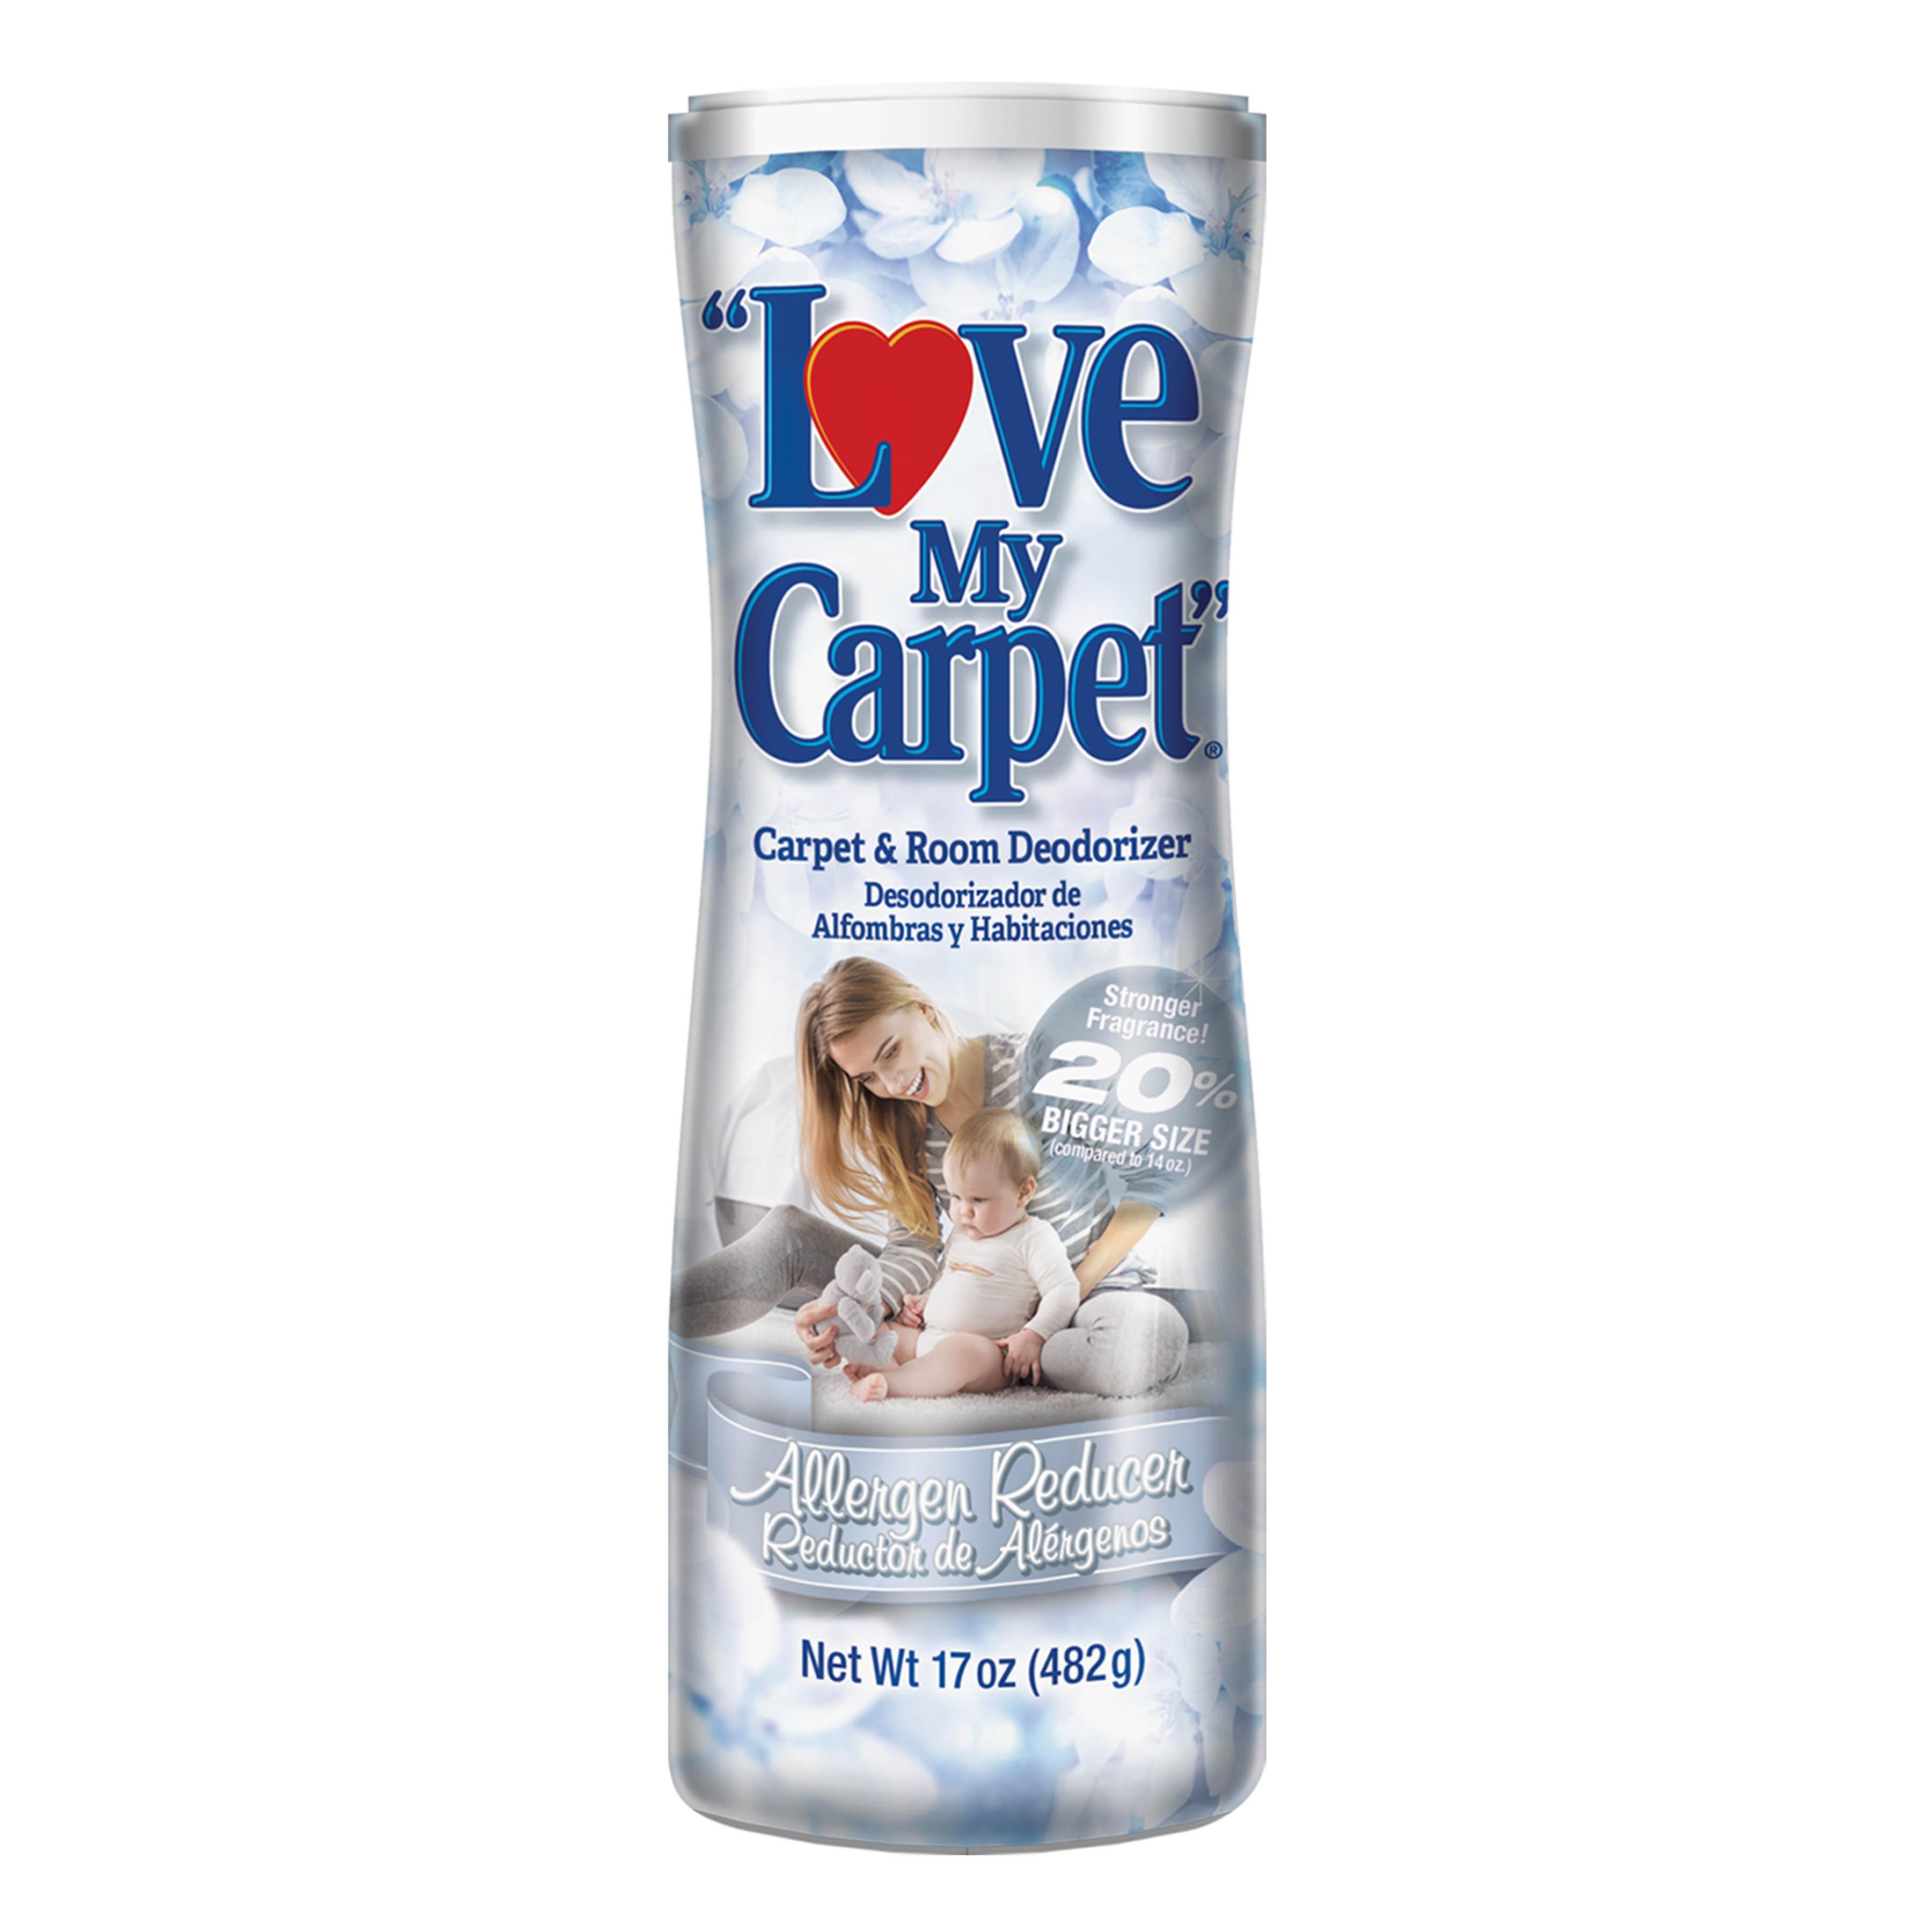 Love My Carpet, Allergen Reducer